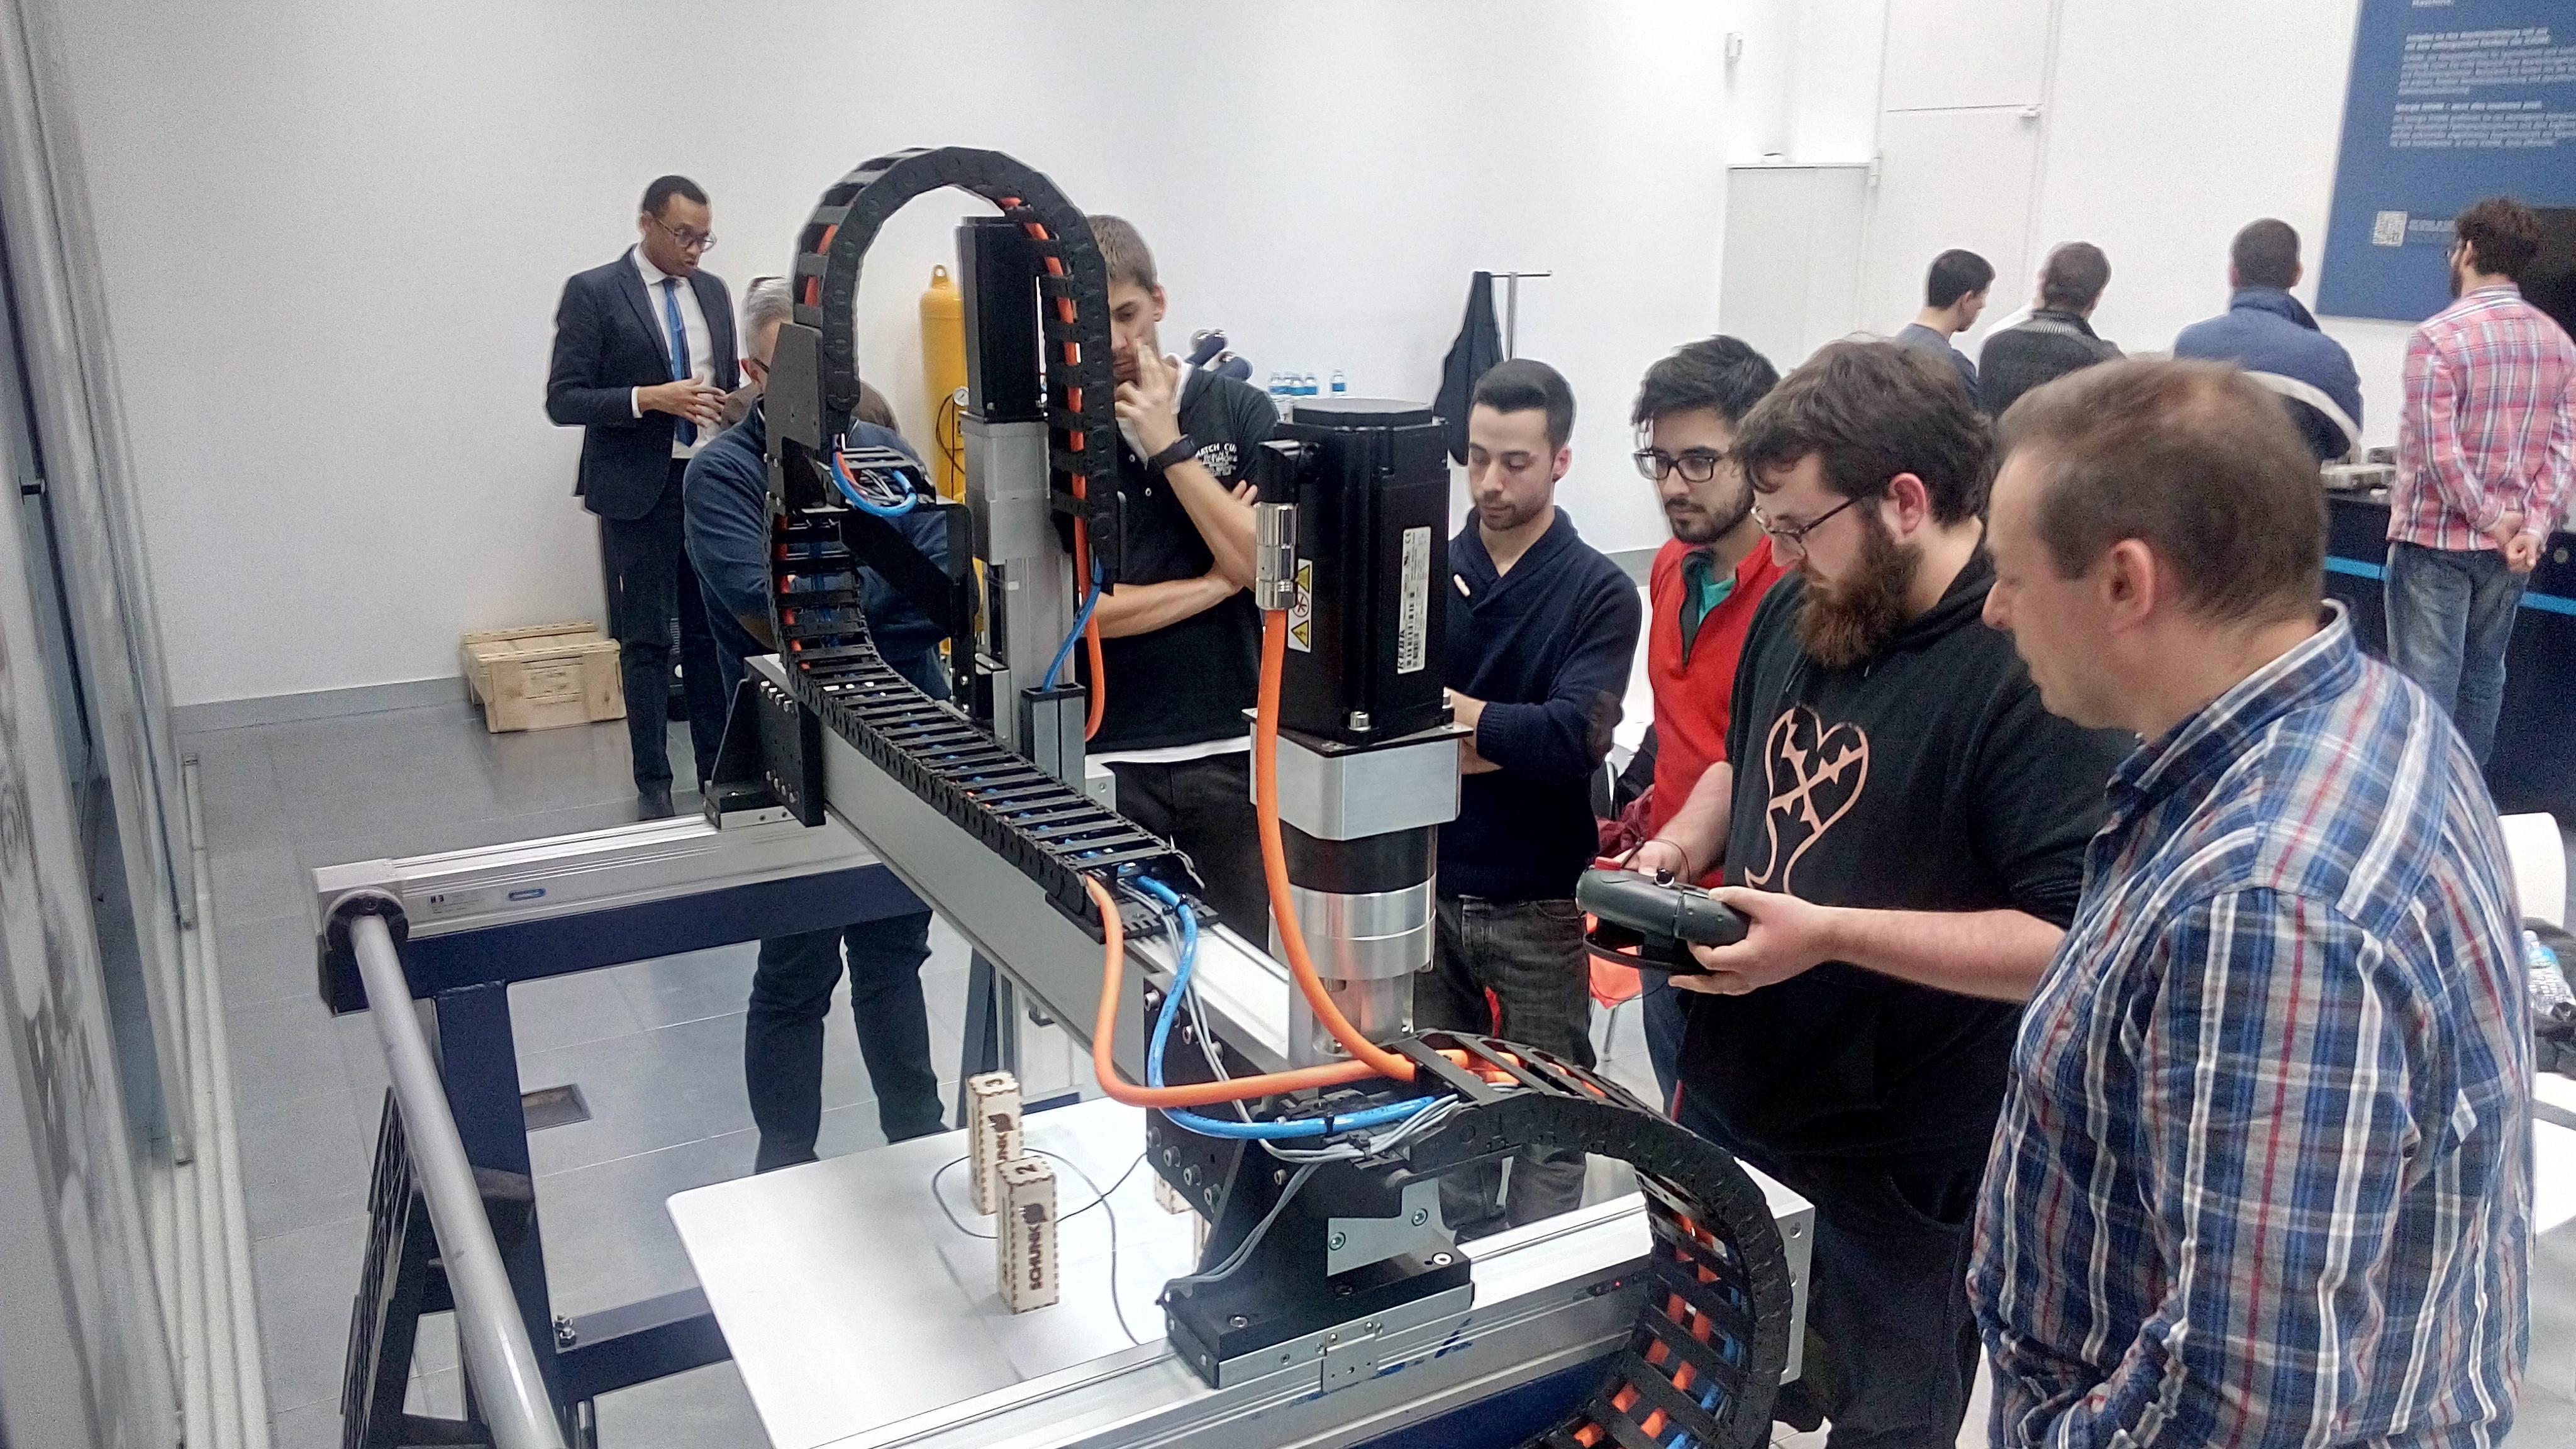 Els alumnes de 2n de cicles superior de mecatrònica industrial han anat a la sessió de formació ofertada per Schunk